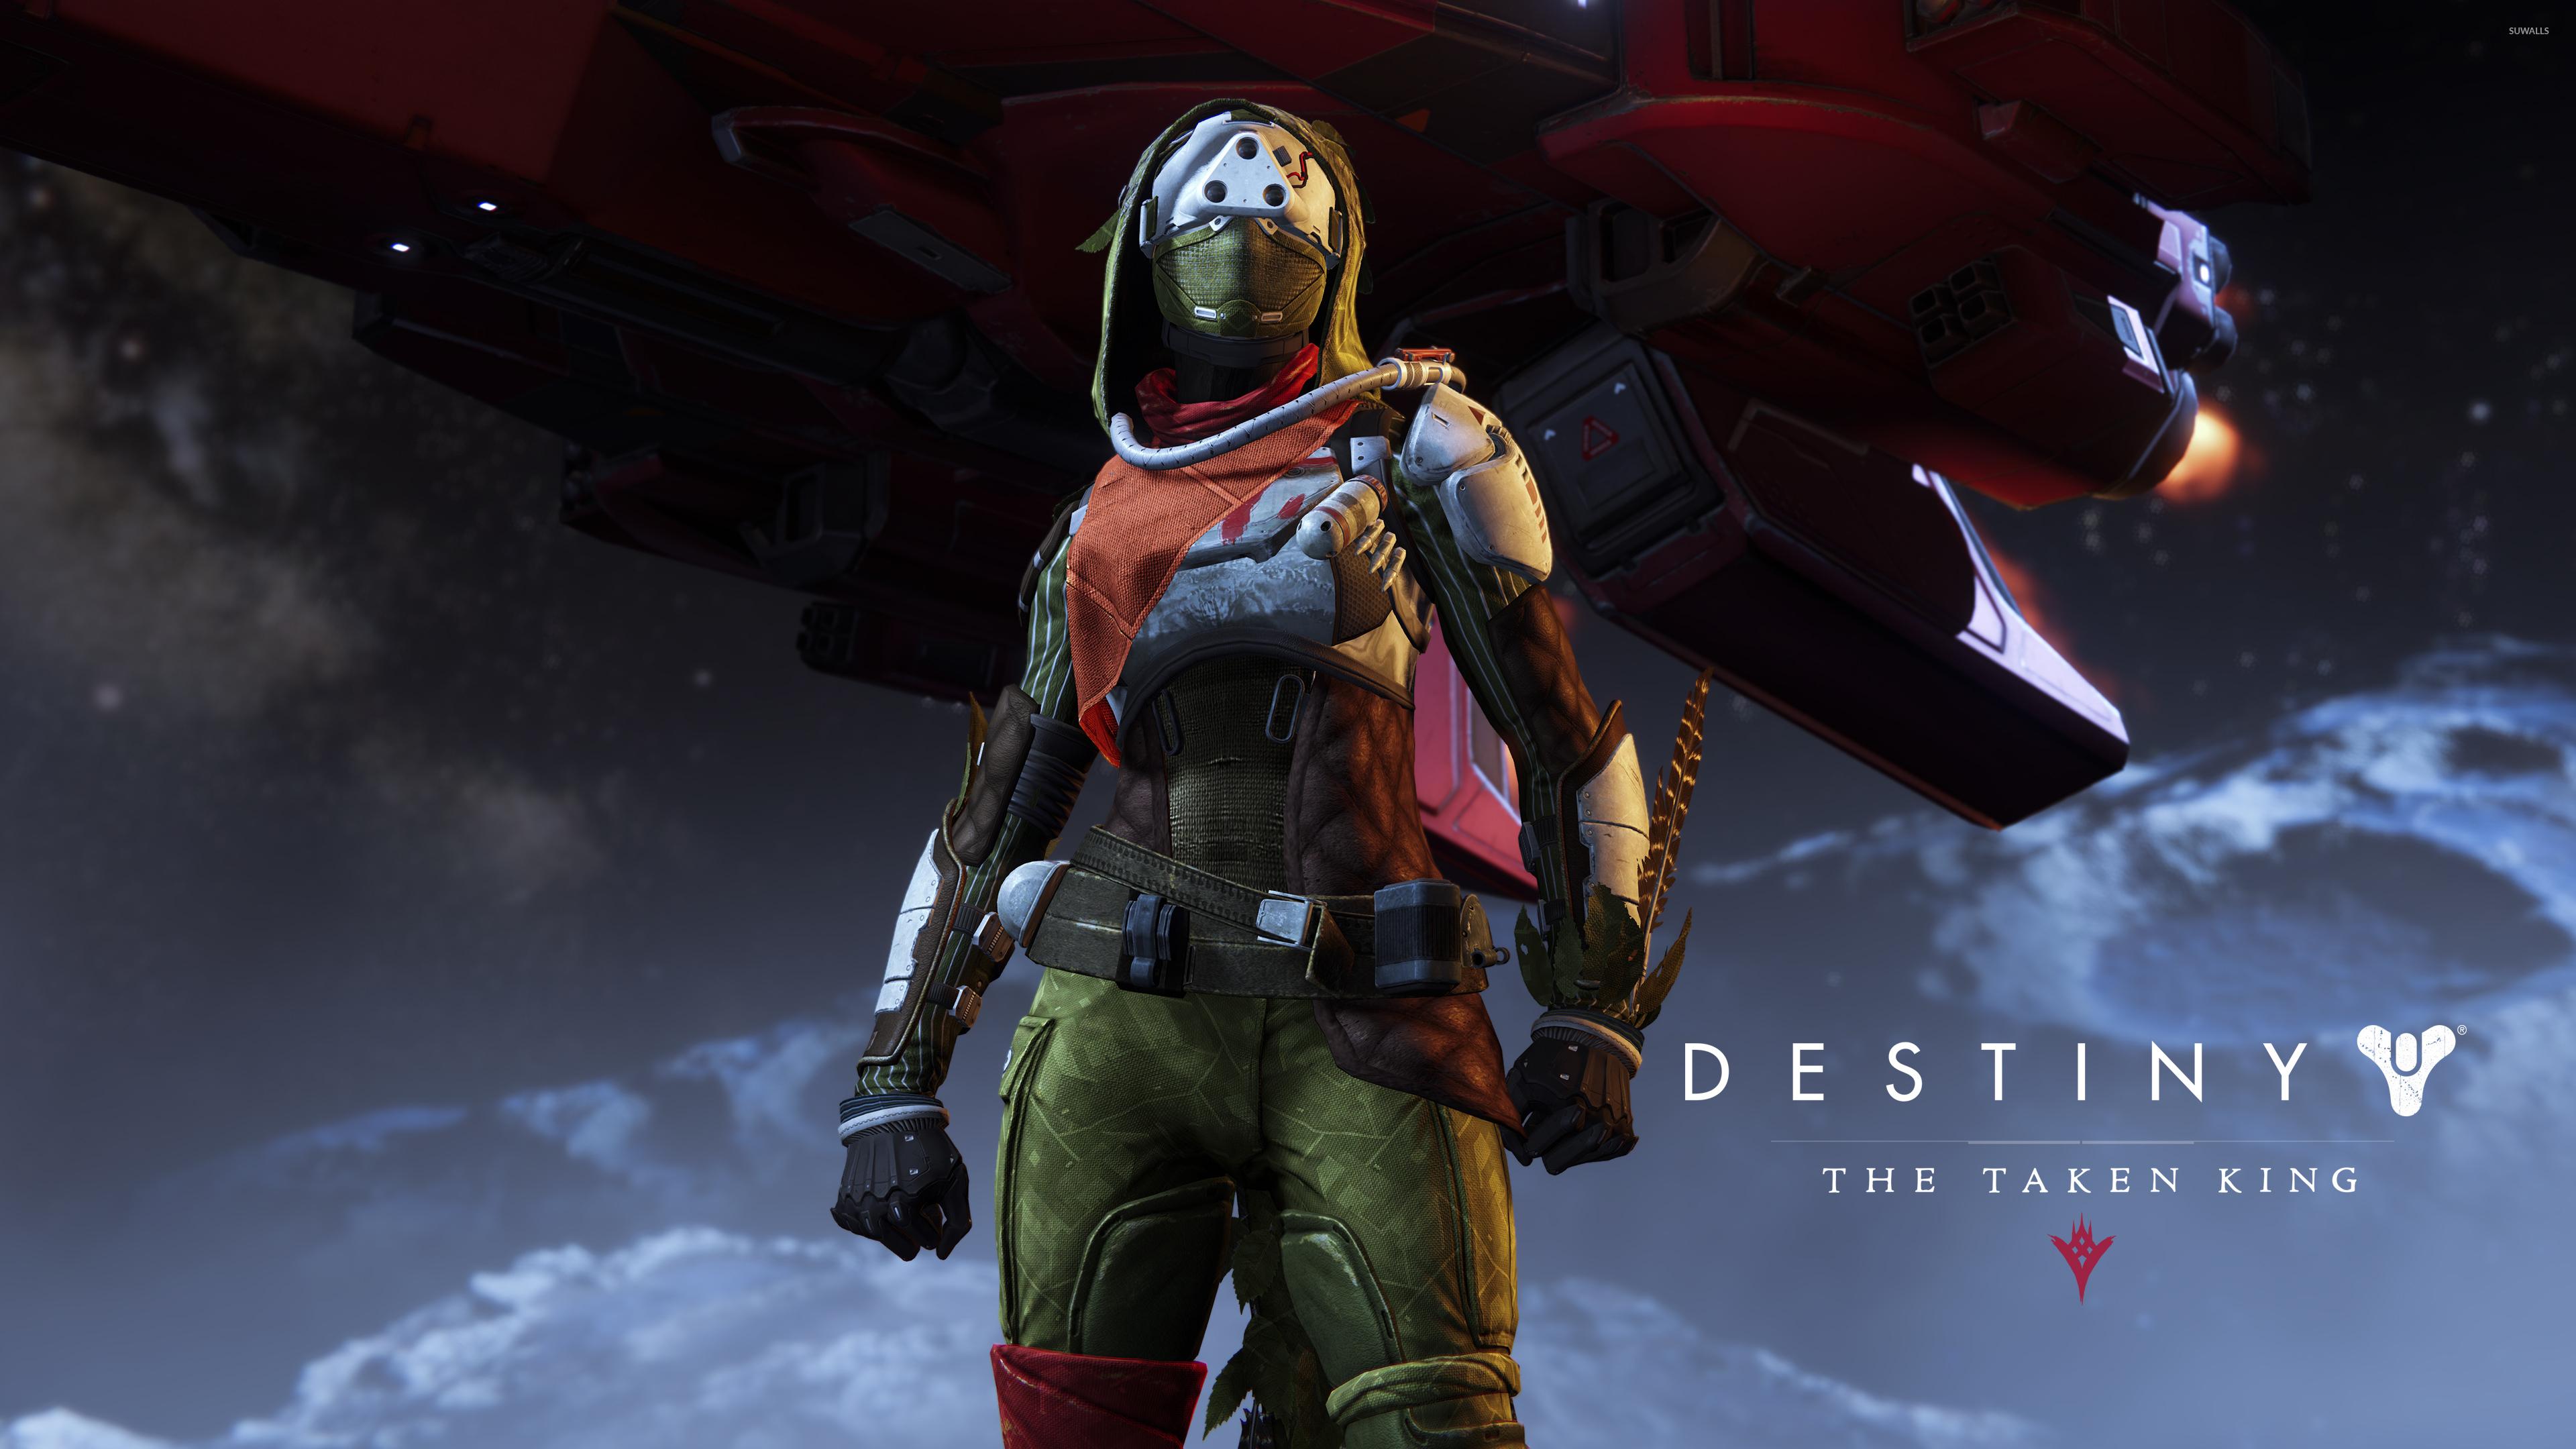 hunter female destiny the taken king wallpaper game